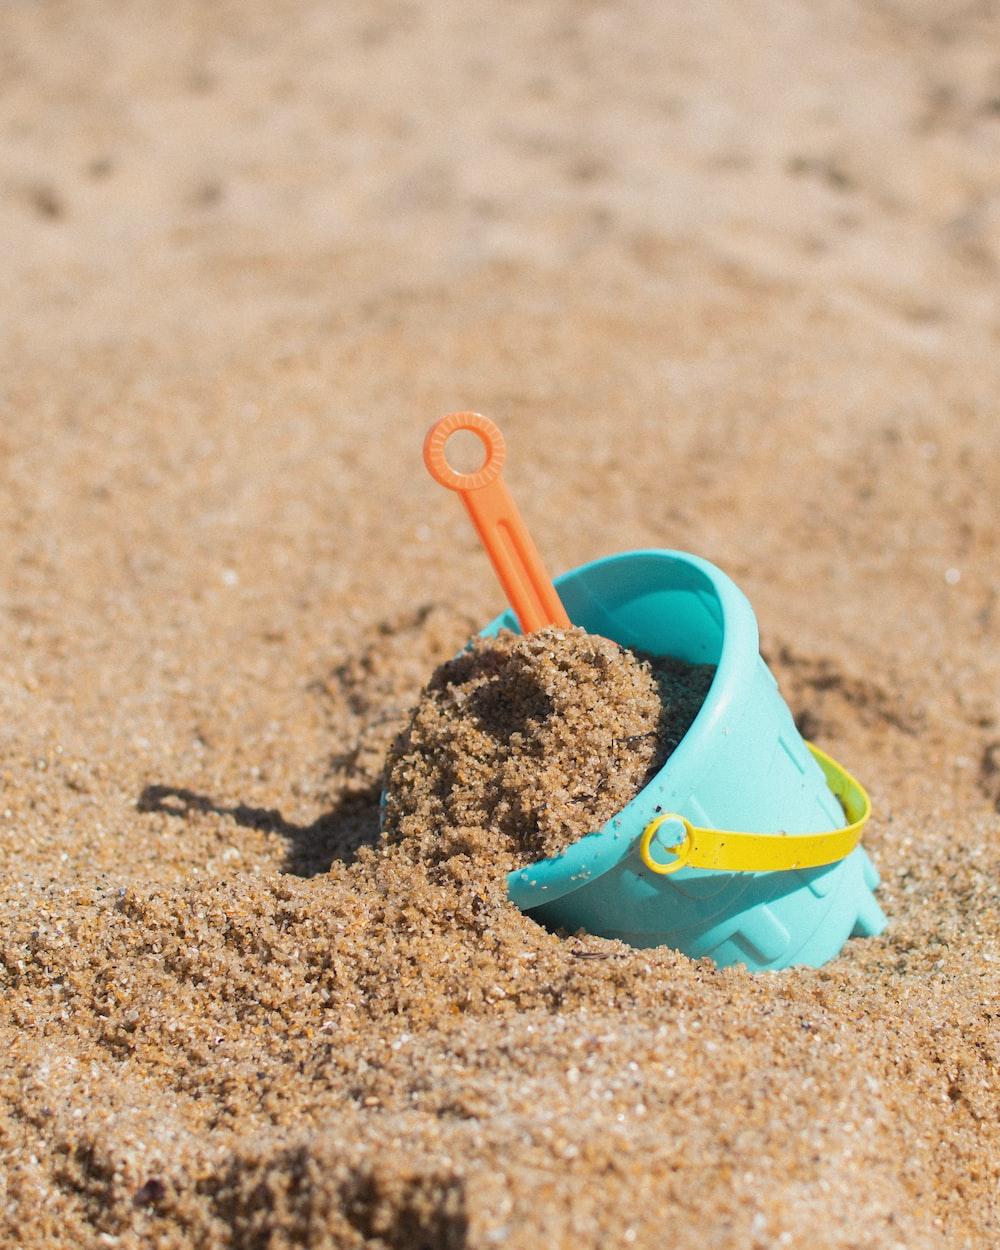 red plastic shovel on sand